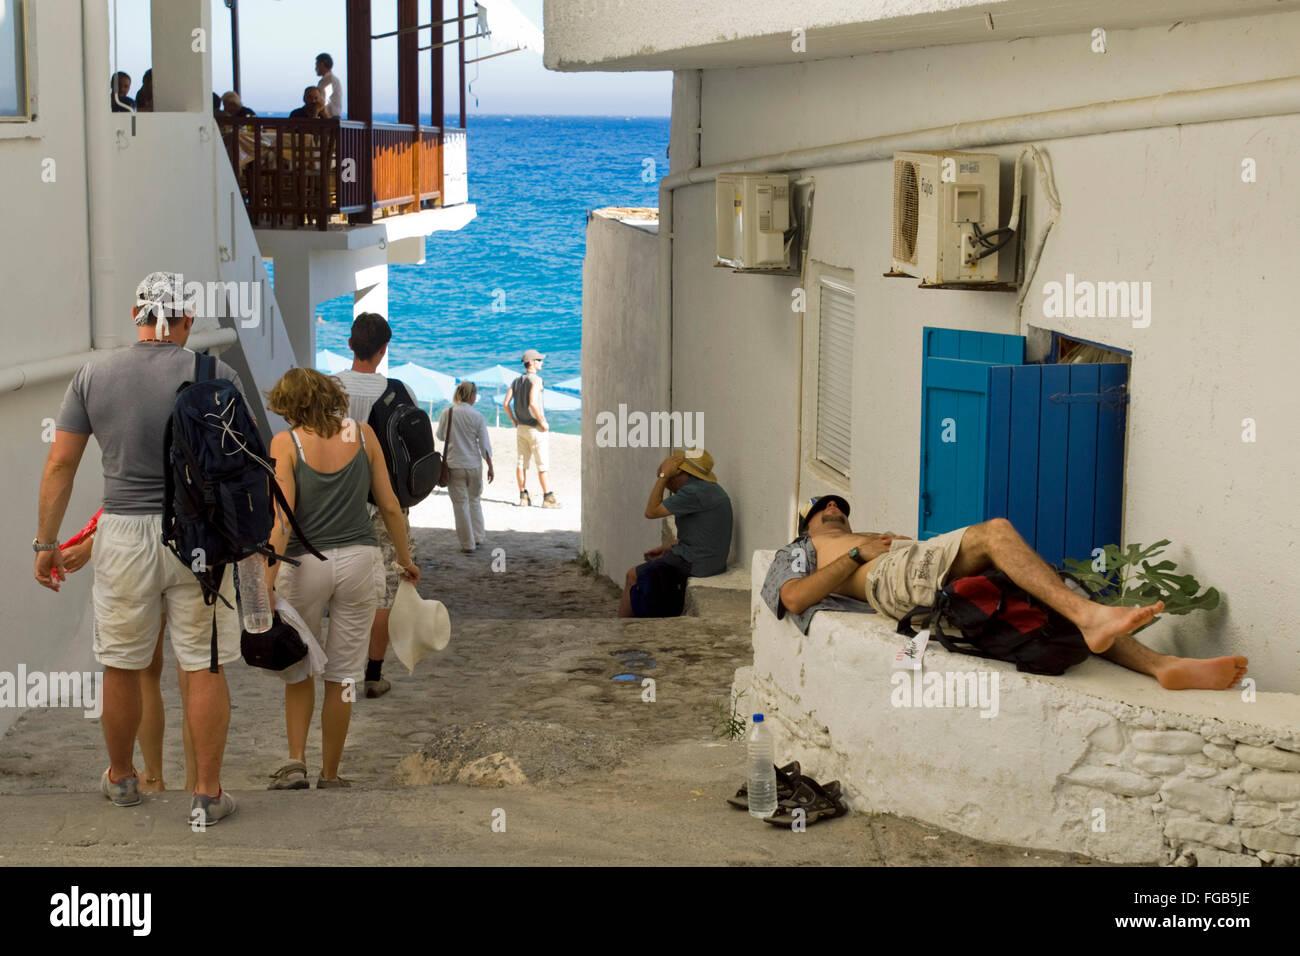 Griechenland, Kreta, Agios Rumeli, viele müde Wanderer aus der Samaria-Schlucht. Stock Photo